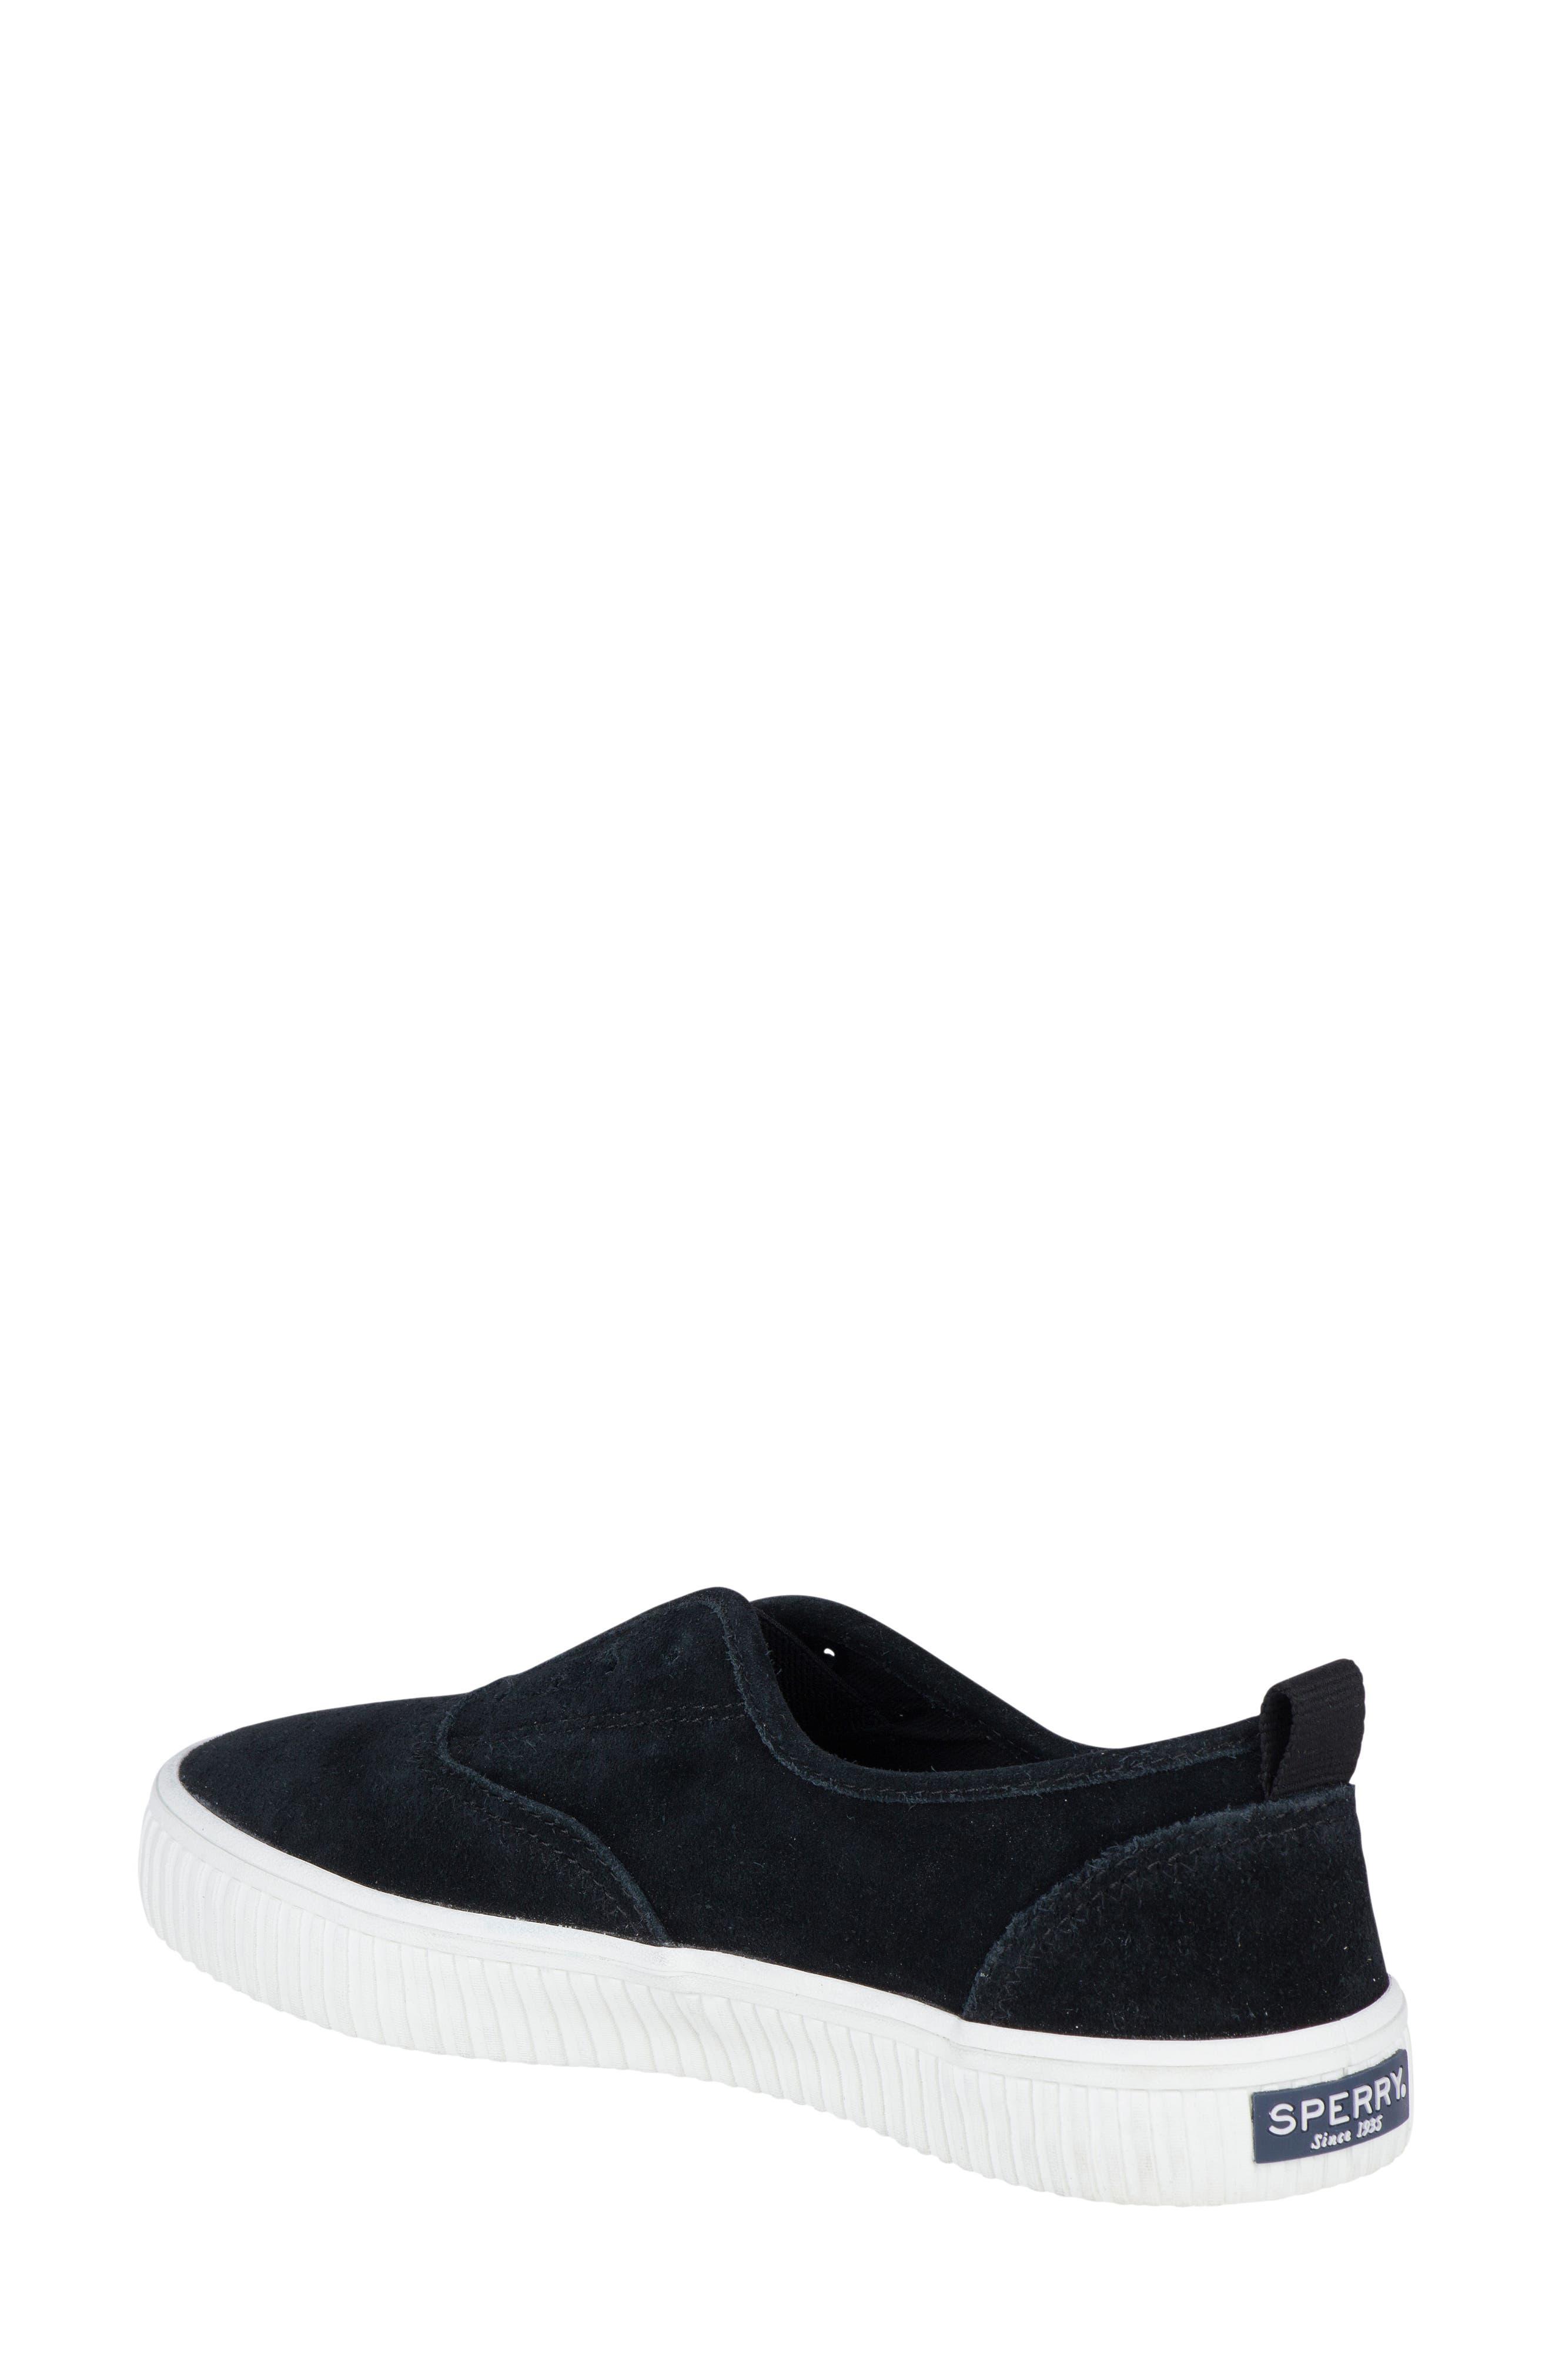 Alternate Image 2  - Sperry Crest Creeper Slip-On Sneaker (Women)